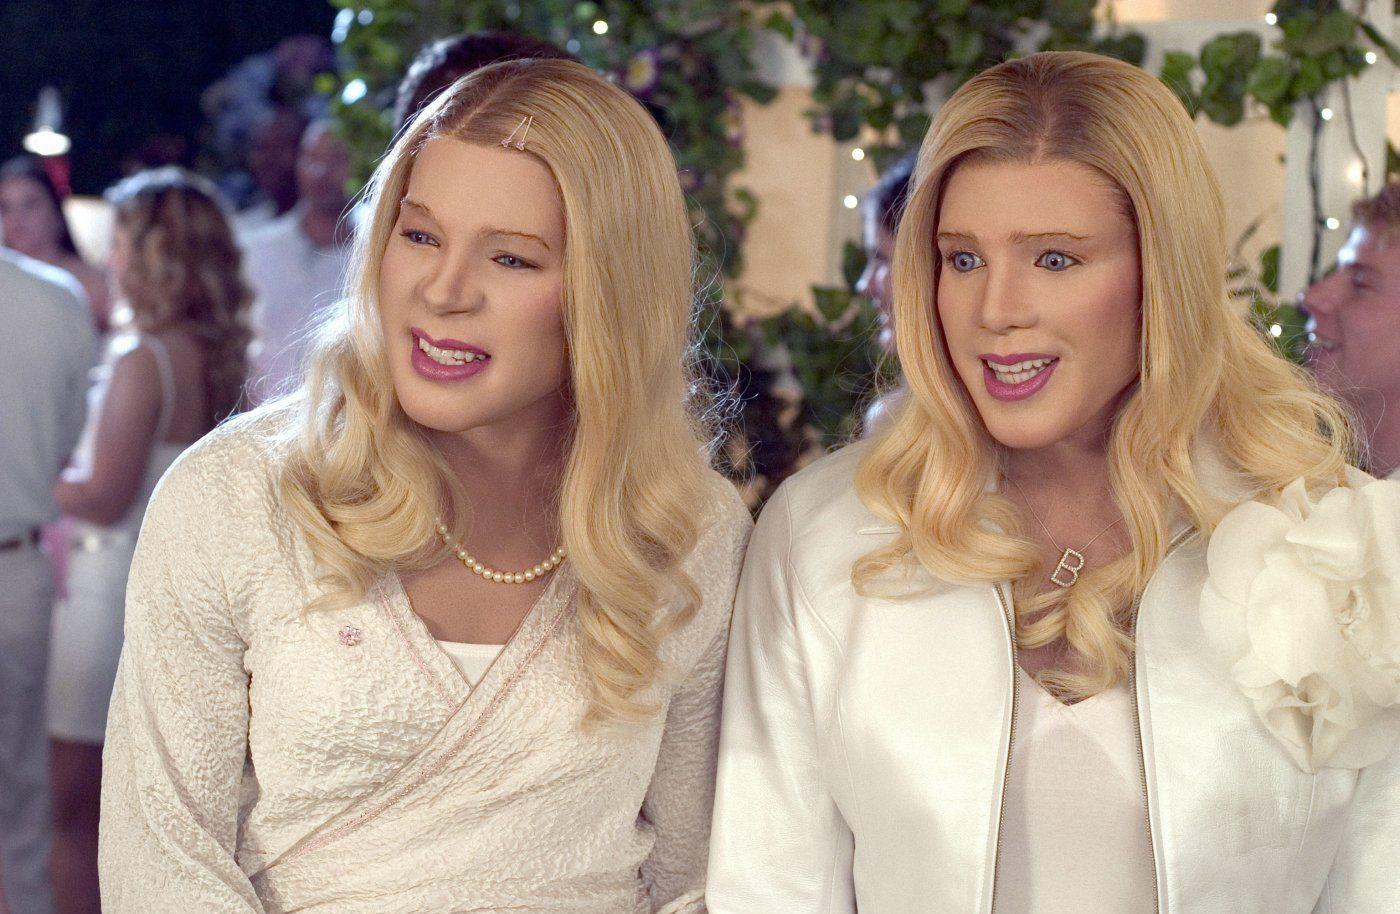 все фильм где две блондинки девушек писюньки голых